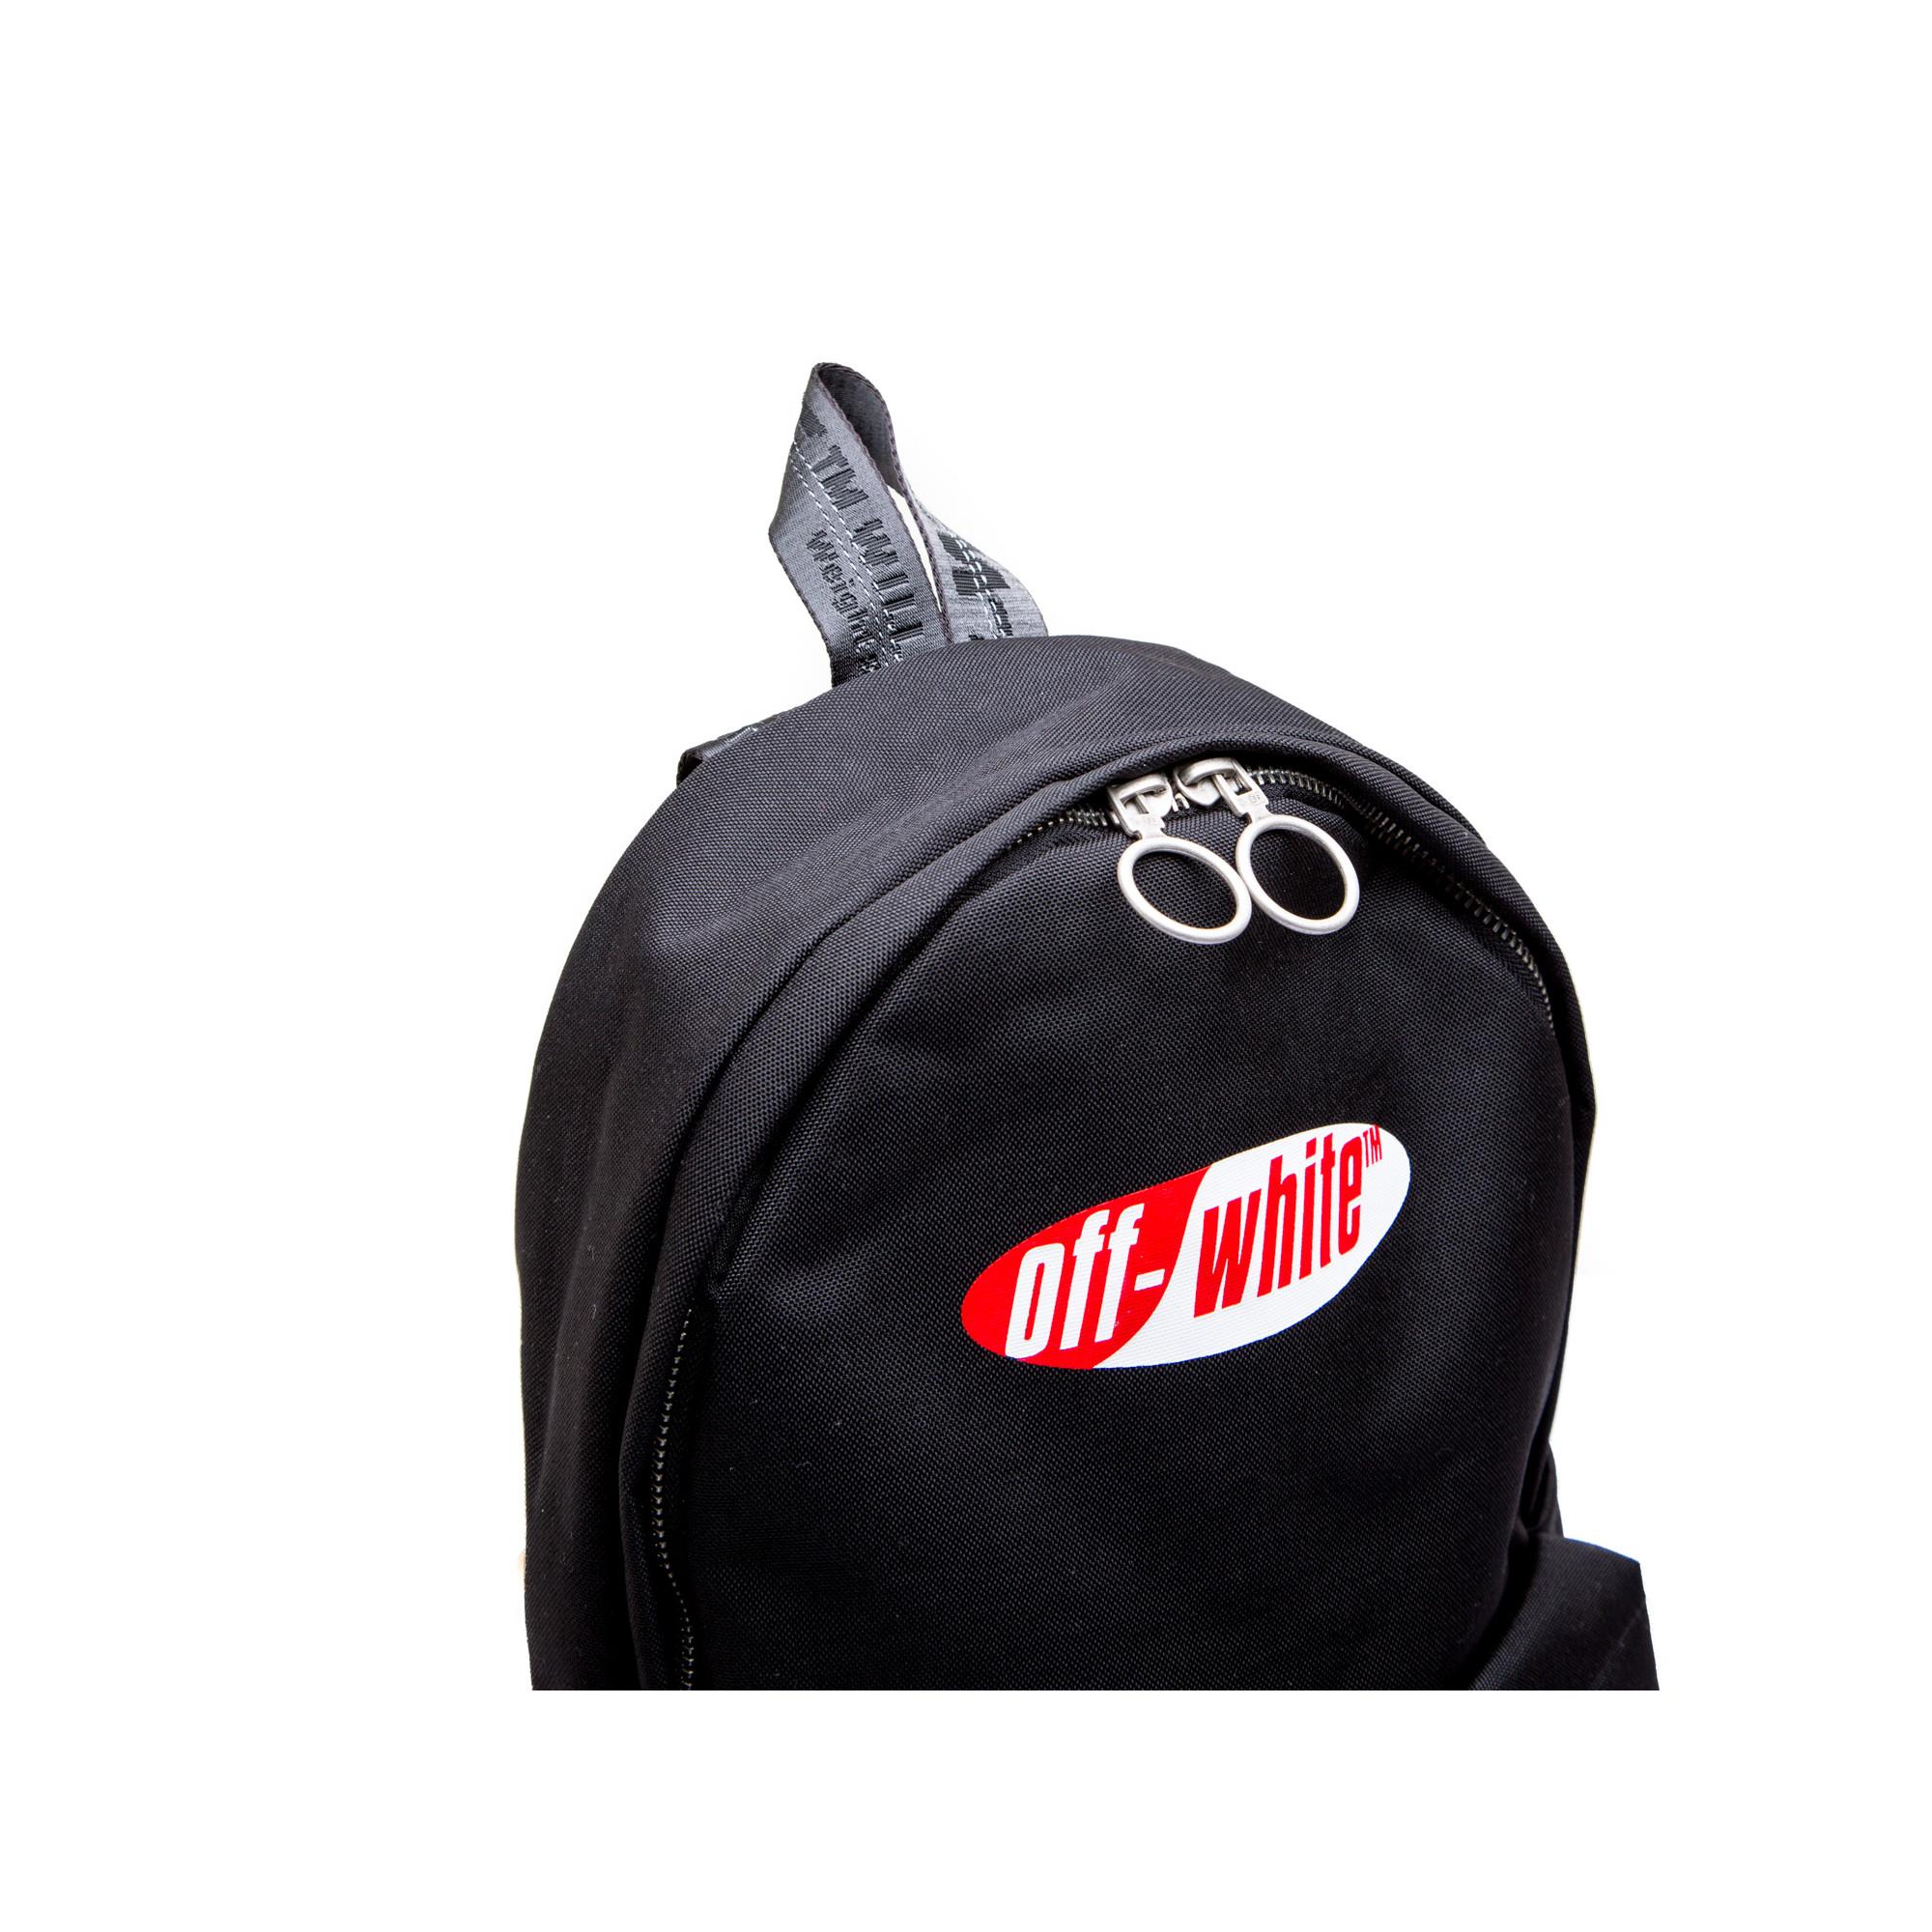 e925841fb0 ... Off White split logo backpack black Off White split logo backpack black  - www.derodeloper